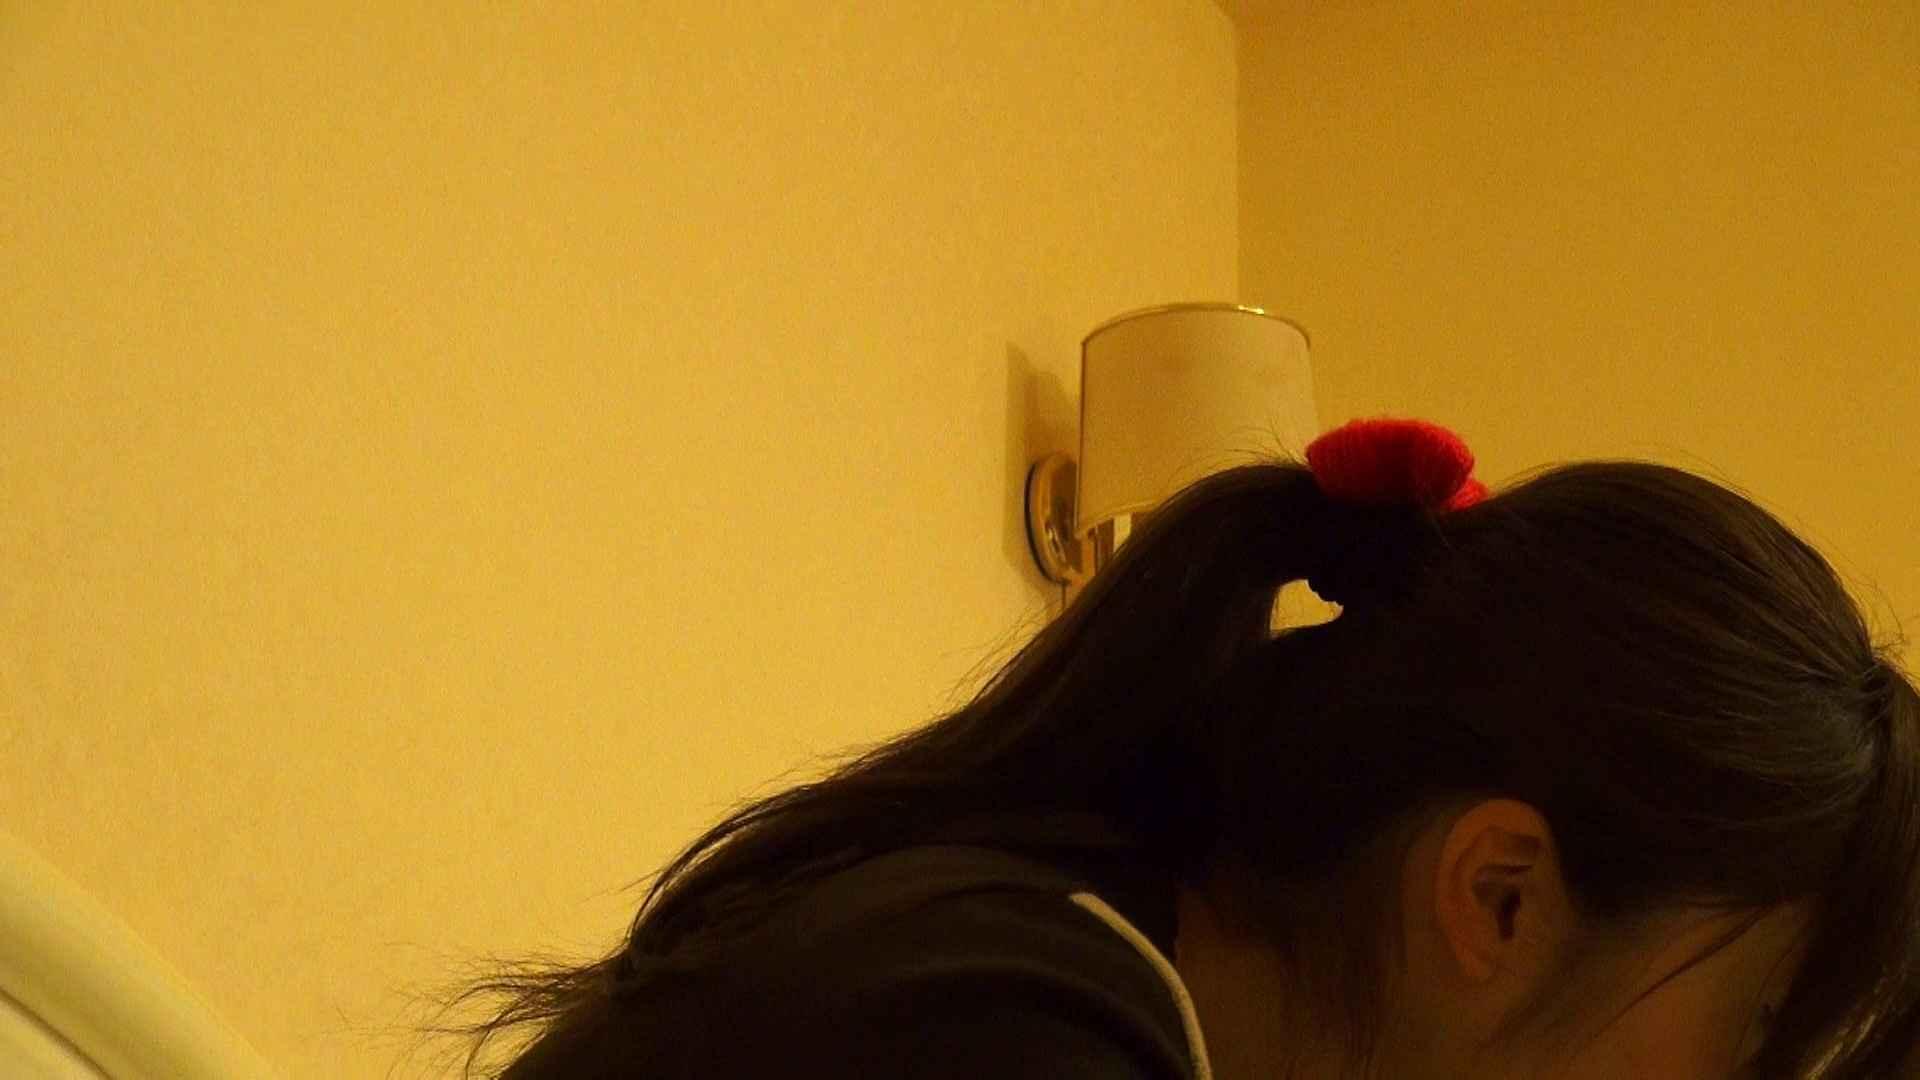 vol.13 瑞希ちゃんにバナナを舐めてもらいました。 OLすけべ画像  54連発 8